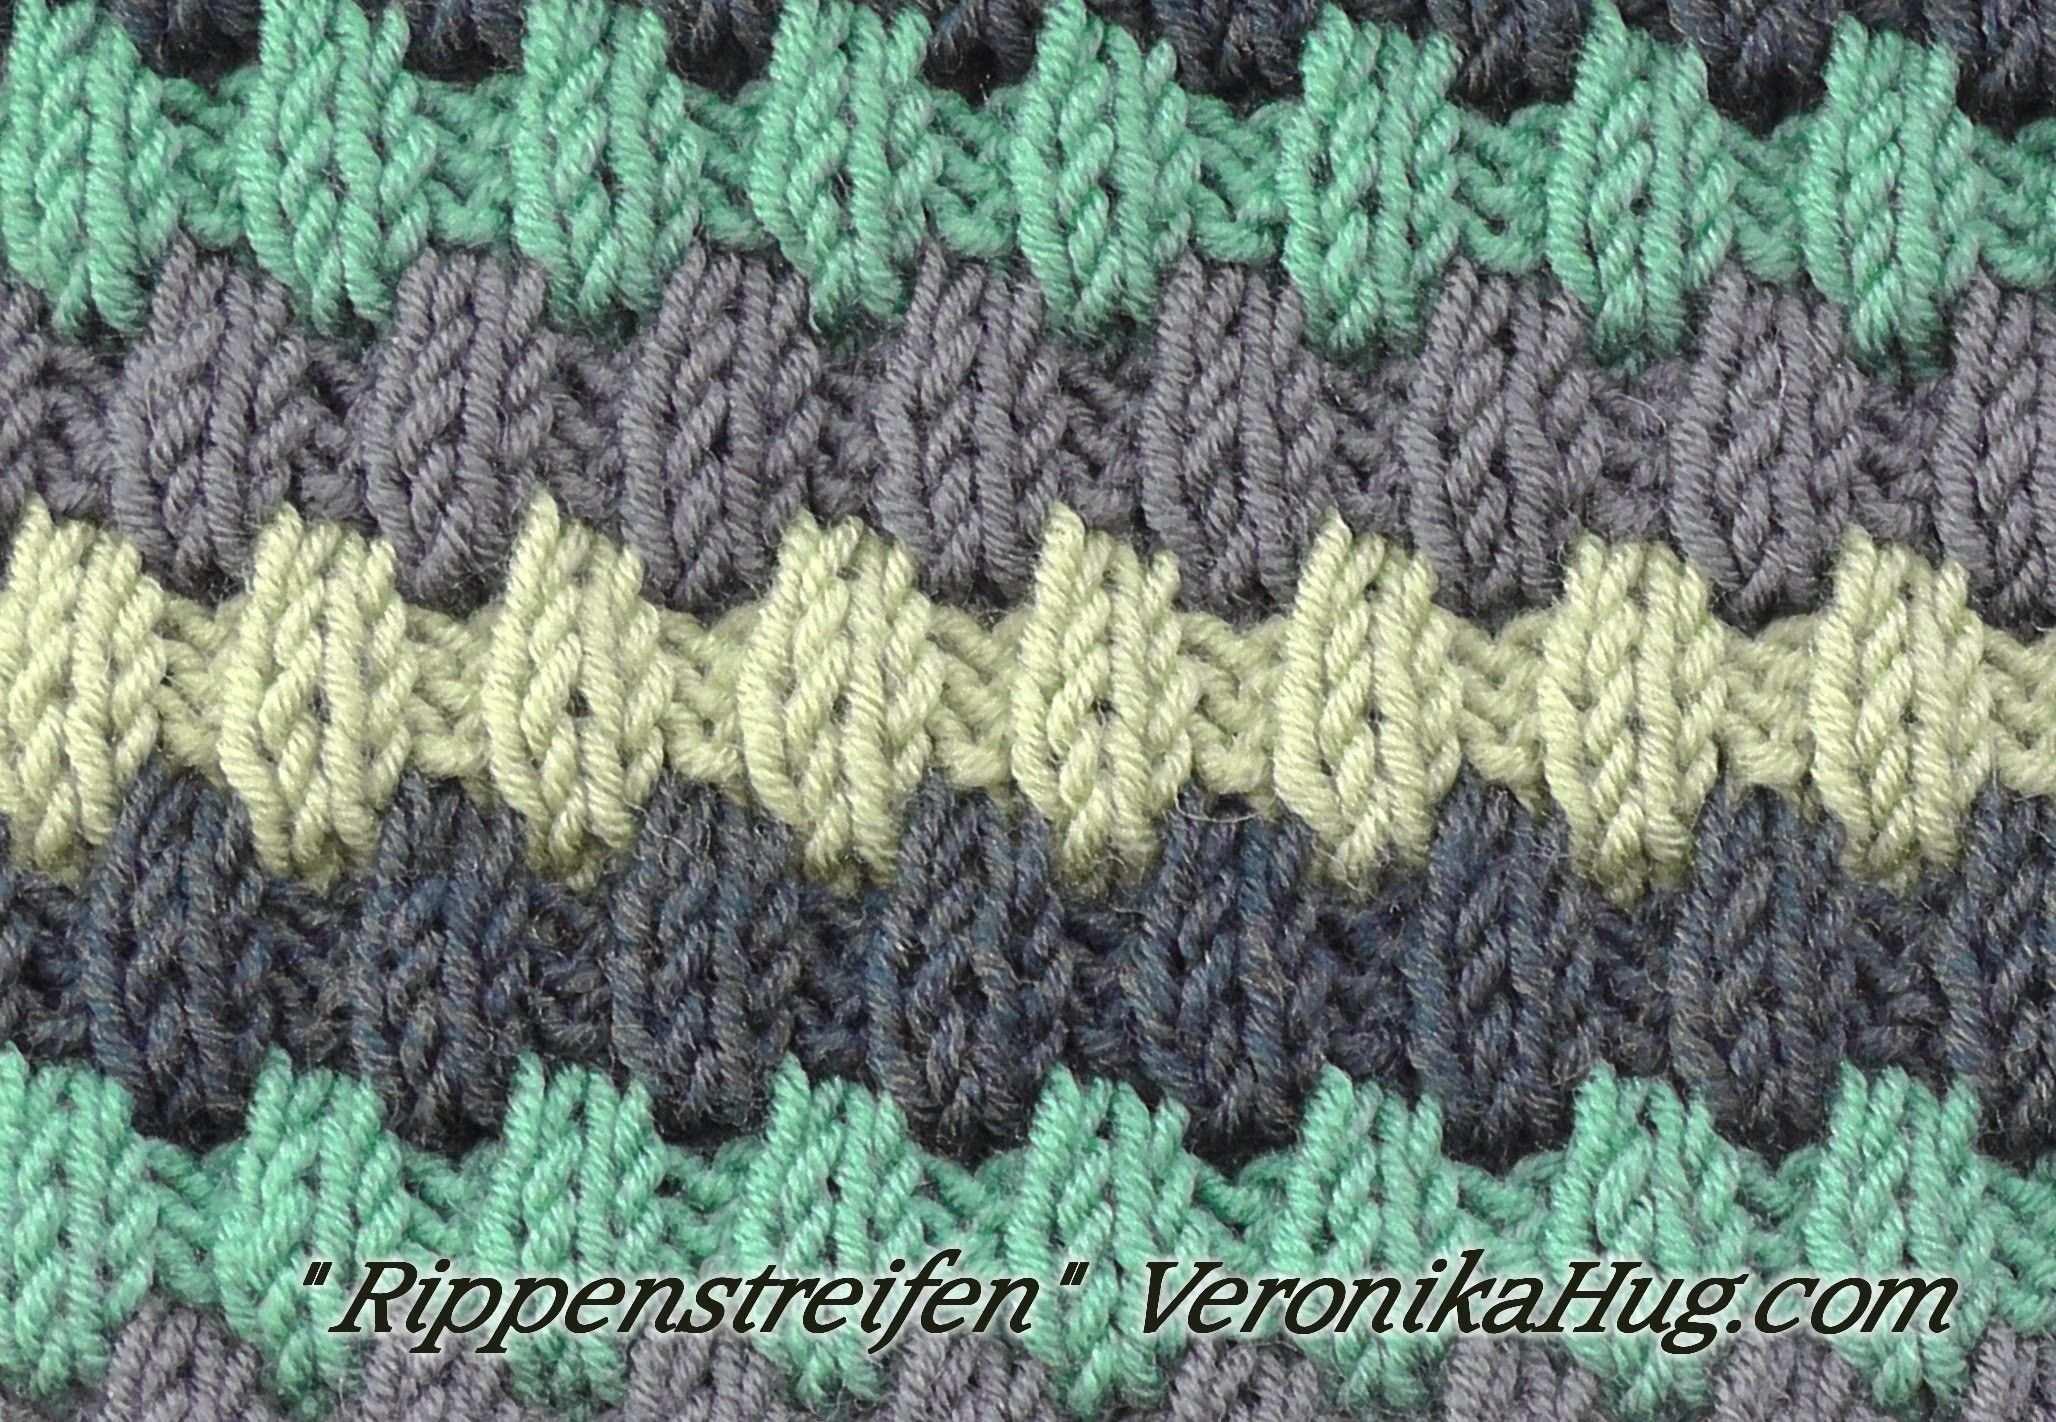 Stricken Hebemaschenmuster Rippenstreifen Veronika Hug Hebemaschenmuster Socken Stricken Anfanger Muster